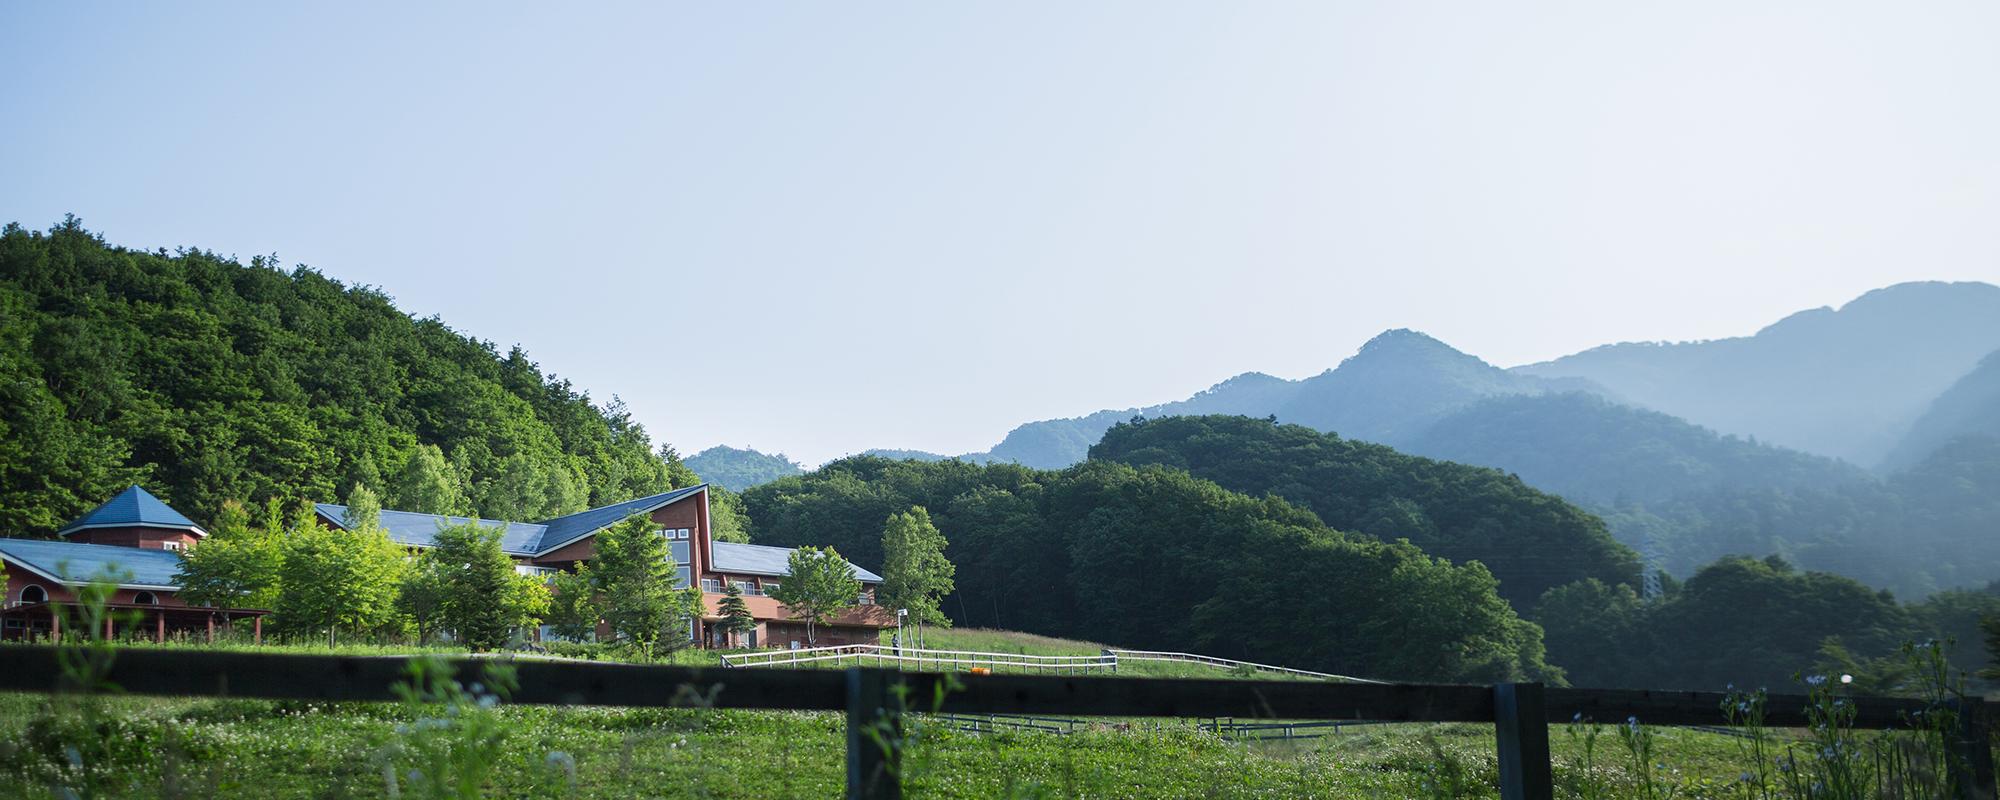 北海道、日高のナチュラルリゾート・ハイジア 草原と馬